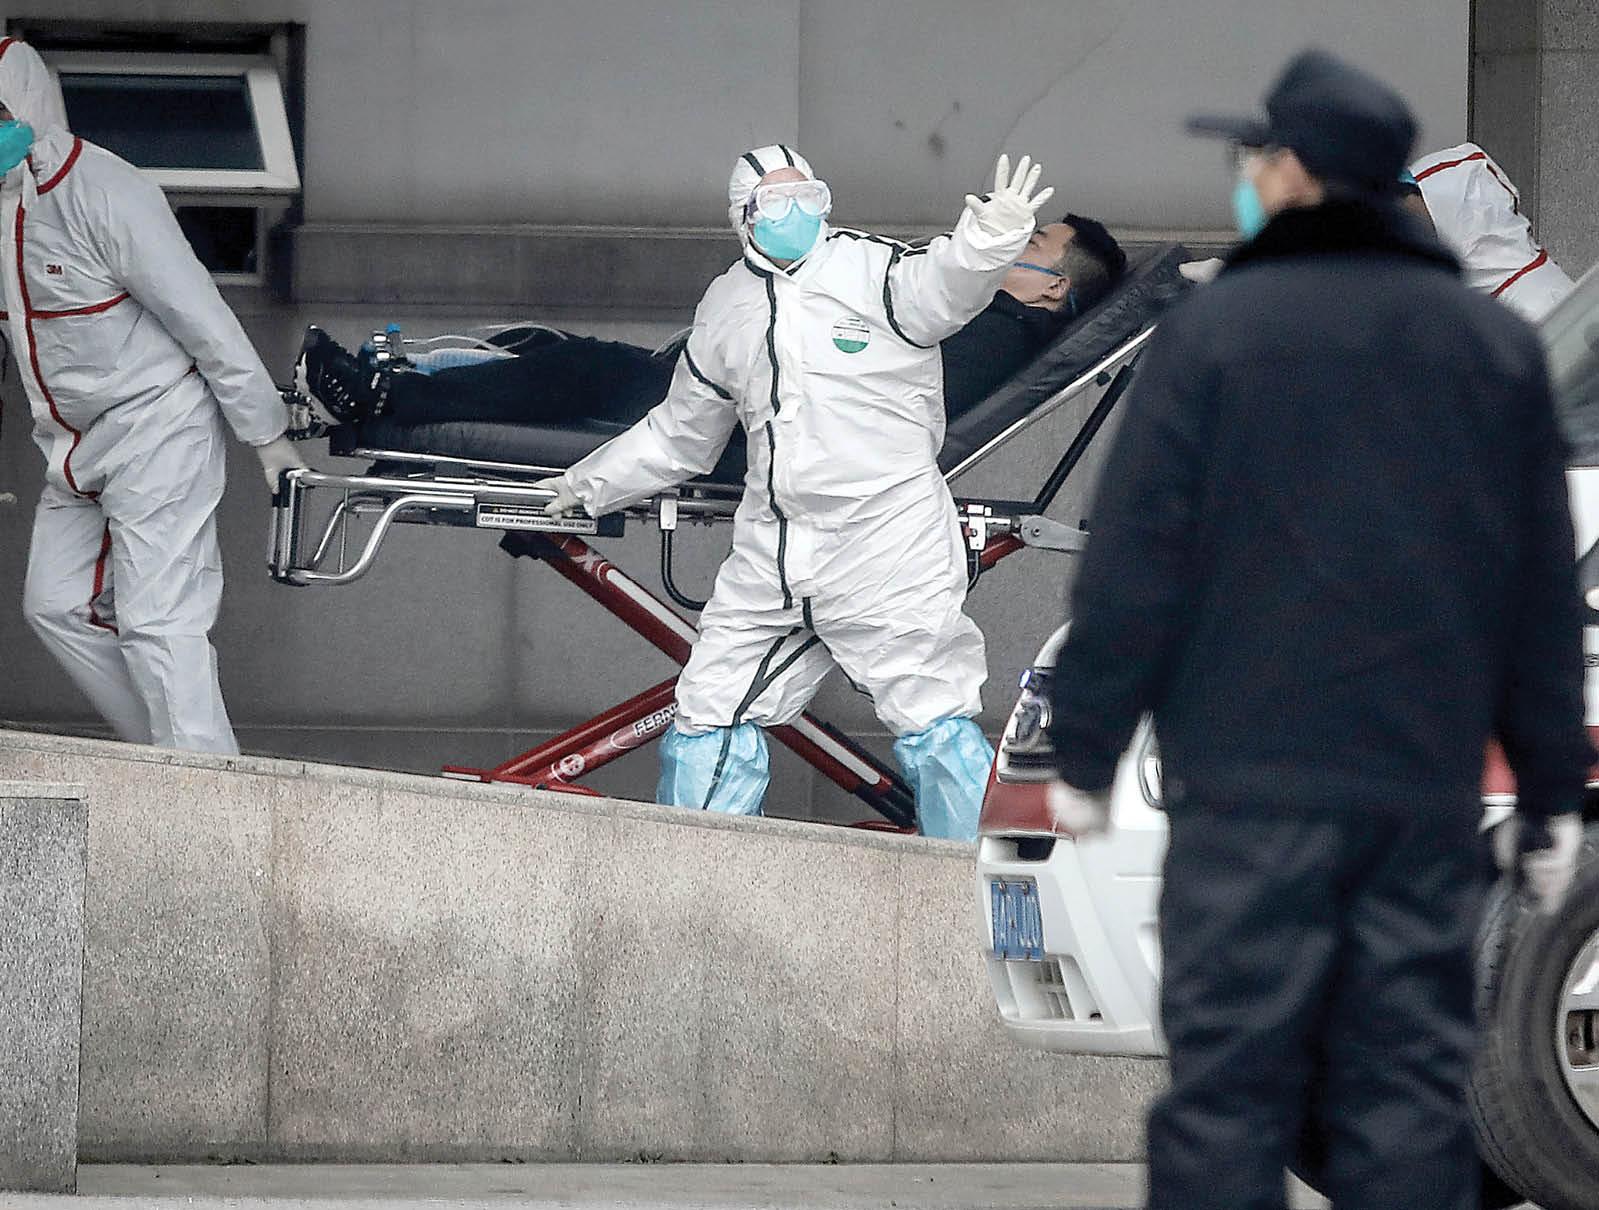 باشگاه خبرنگاران -وضع بیماران مبتلا به ویروس کرونا رو به بهبود است